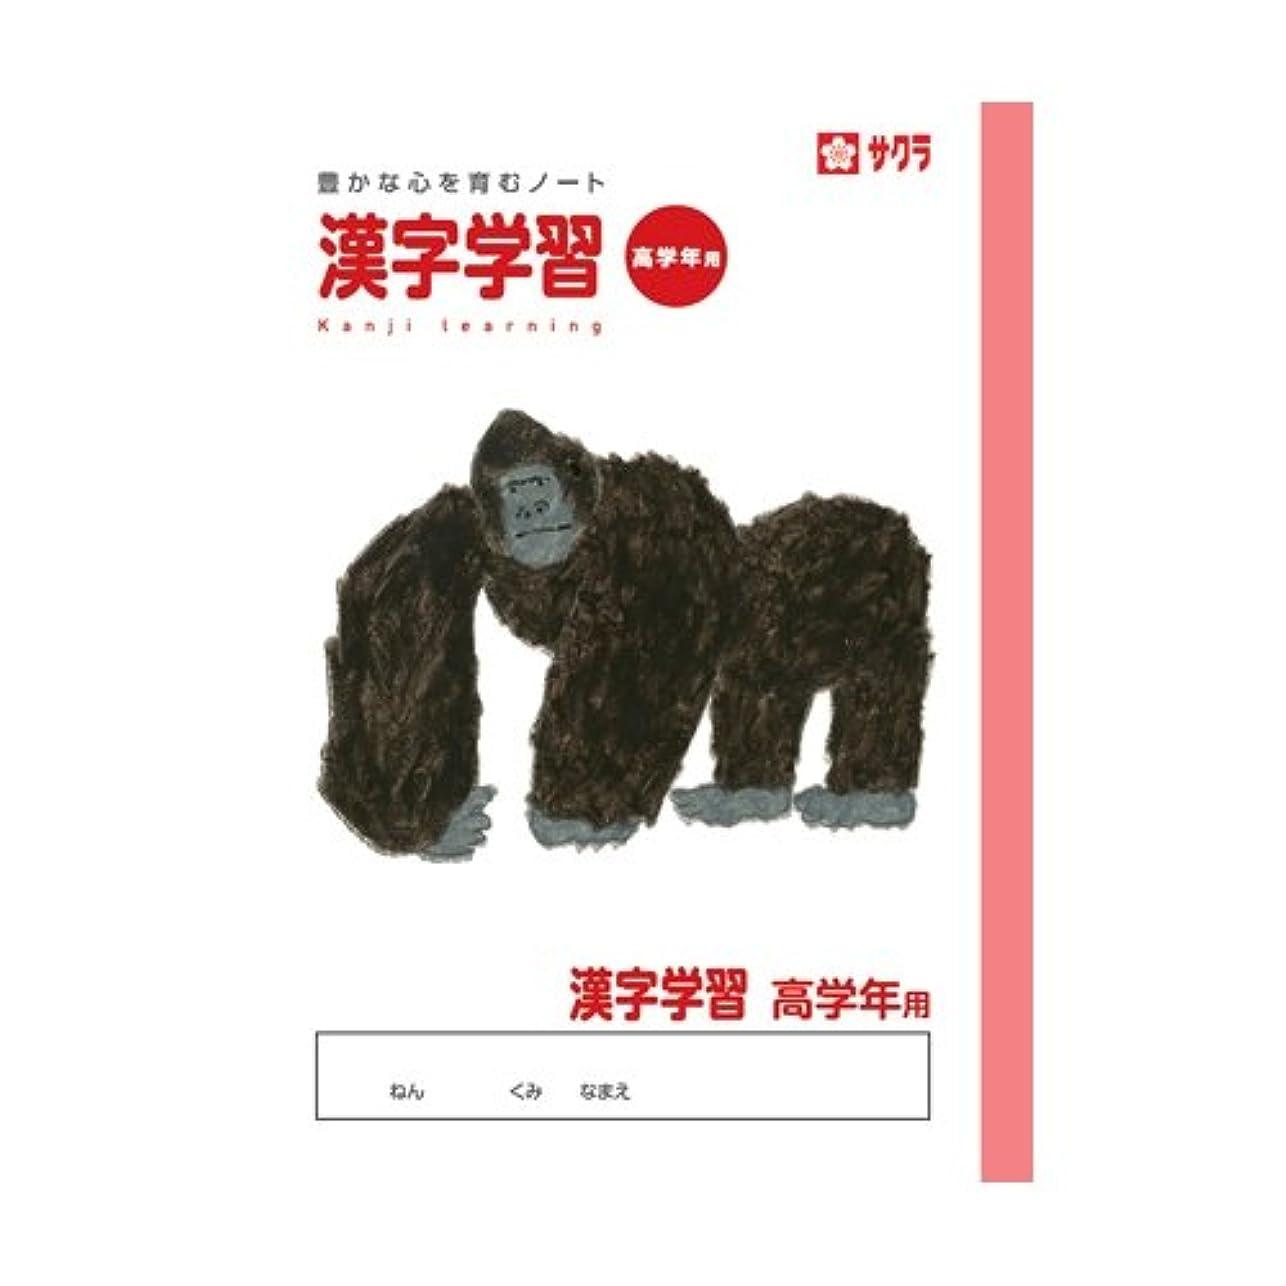 テレビコスチューム光電サクラクレパス サクラ学習帳 漢字学習 高学年用